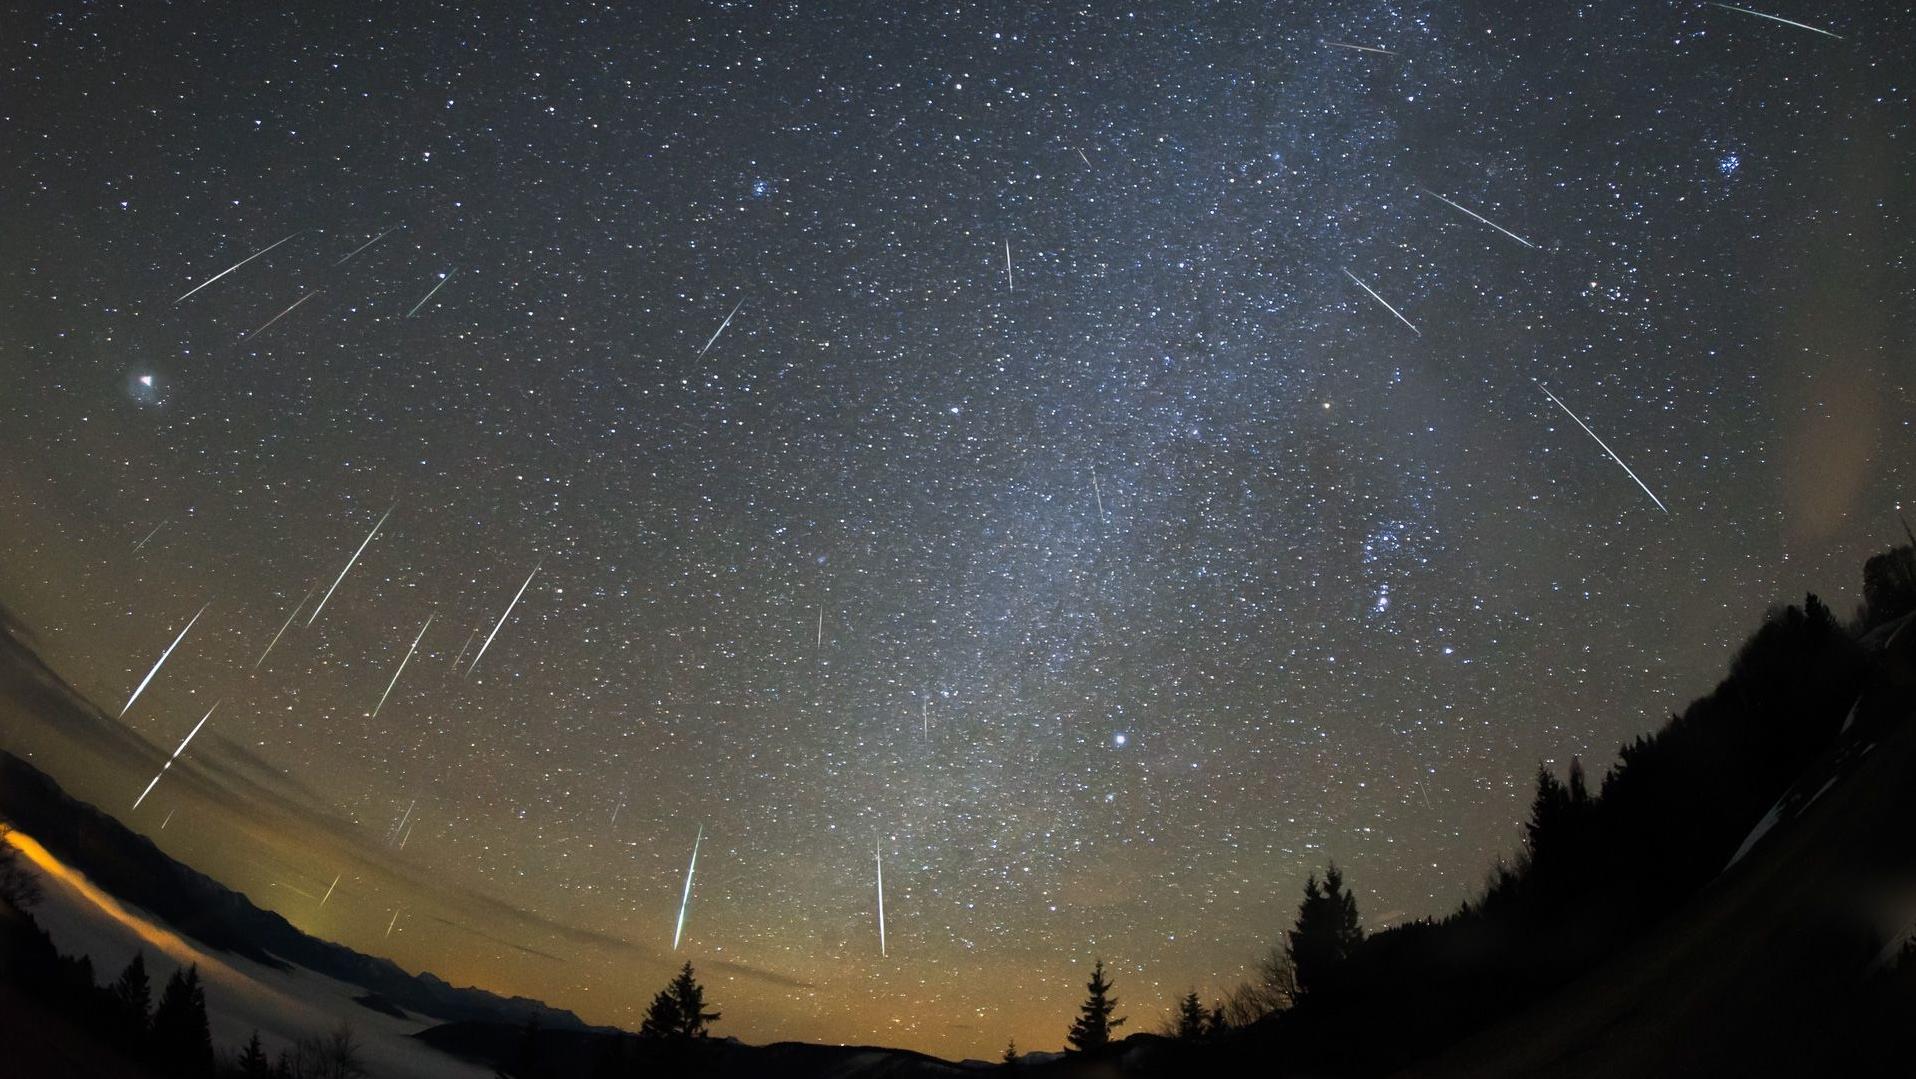 Kompositaufnahme der Geminiden-Meteore zum Maximum des Sternschnuppenstroms. Deutlich ist zu sehen, dass die Sternschnuppen aus dem Sternbild Zwillinge (Mitte am oberen Bildrand) zu kommen scheinen.